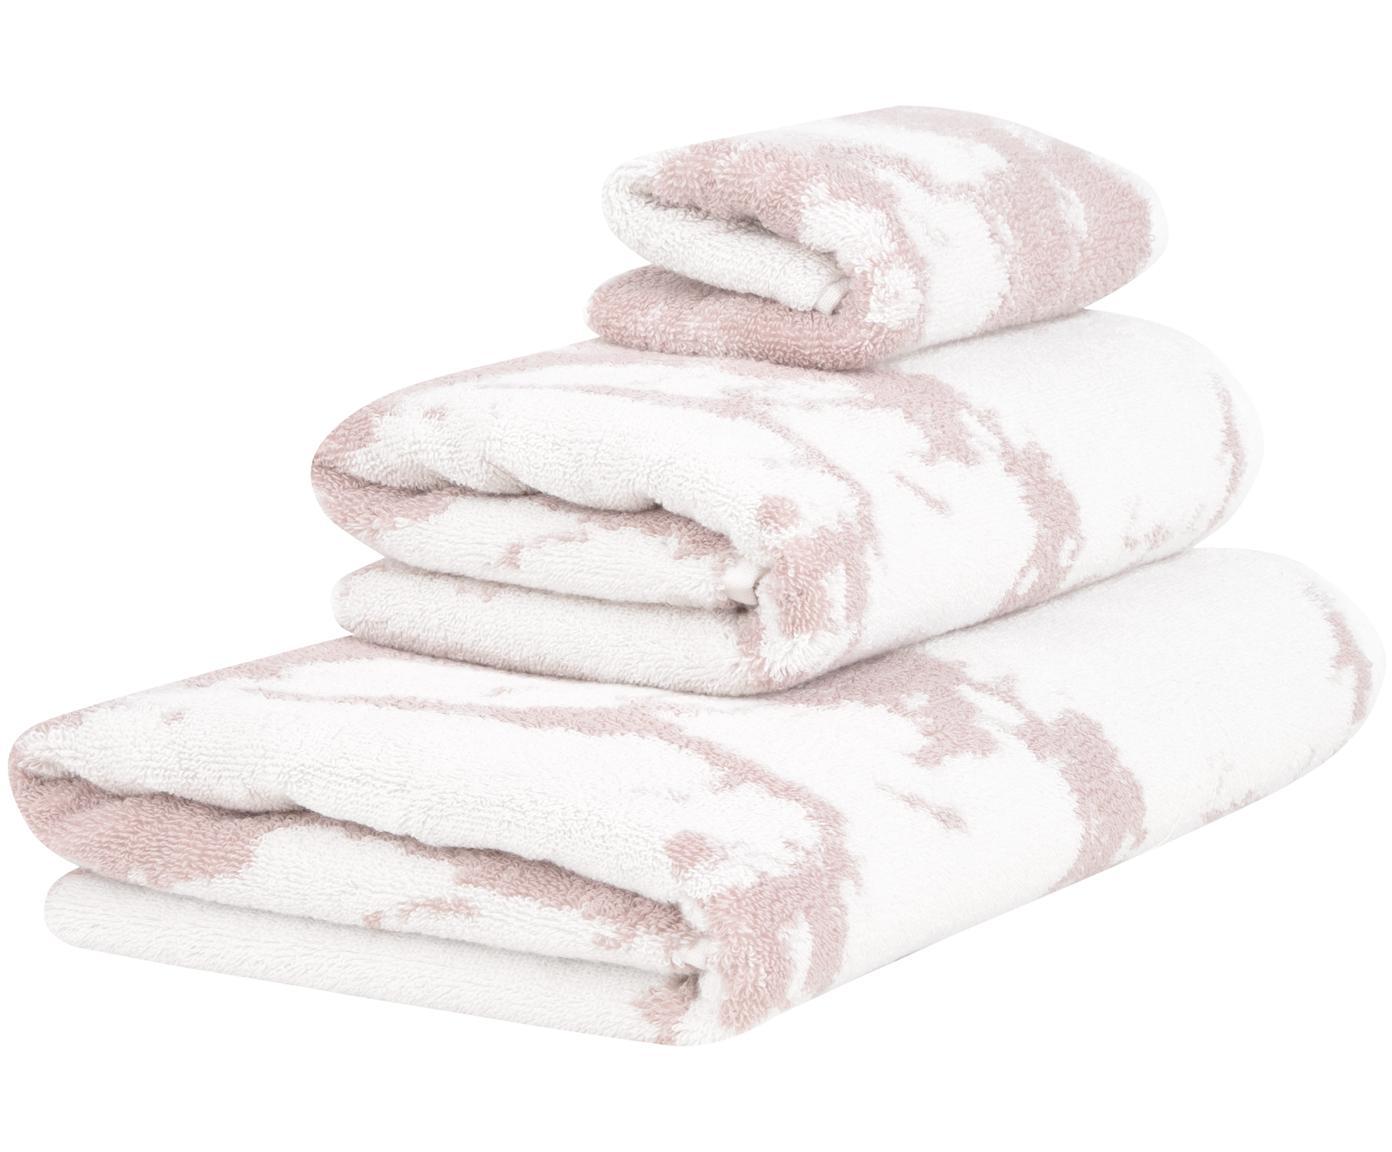 Set de toallas Marmo, 3pzas., Rosa, blanco crema, Tamaños diferentes